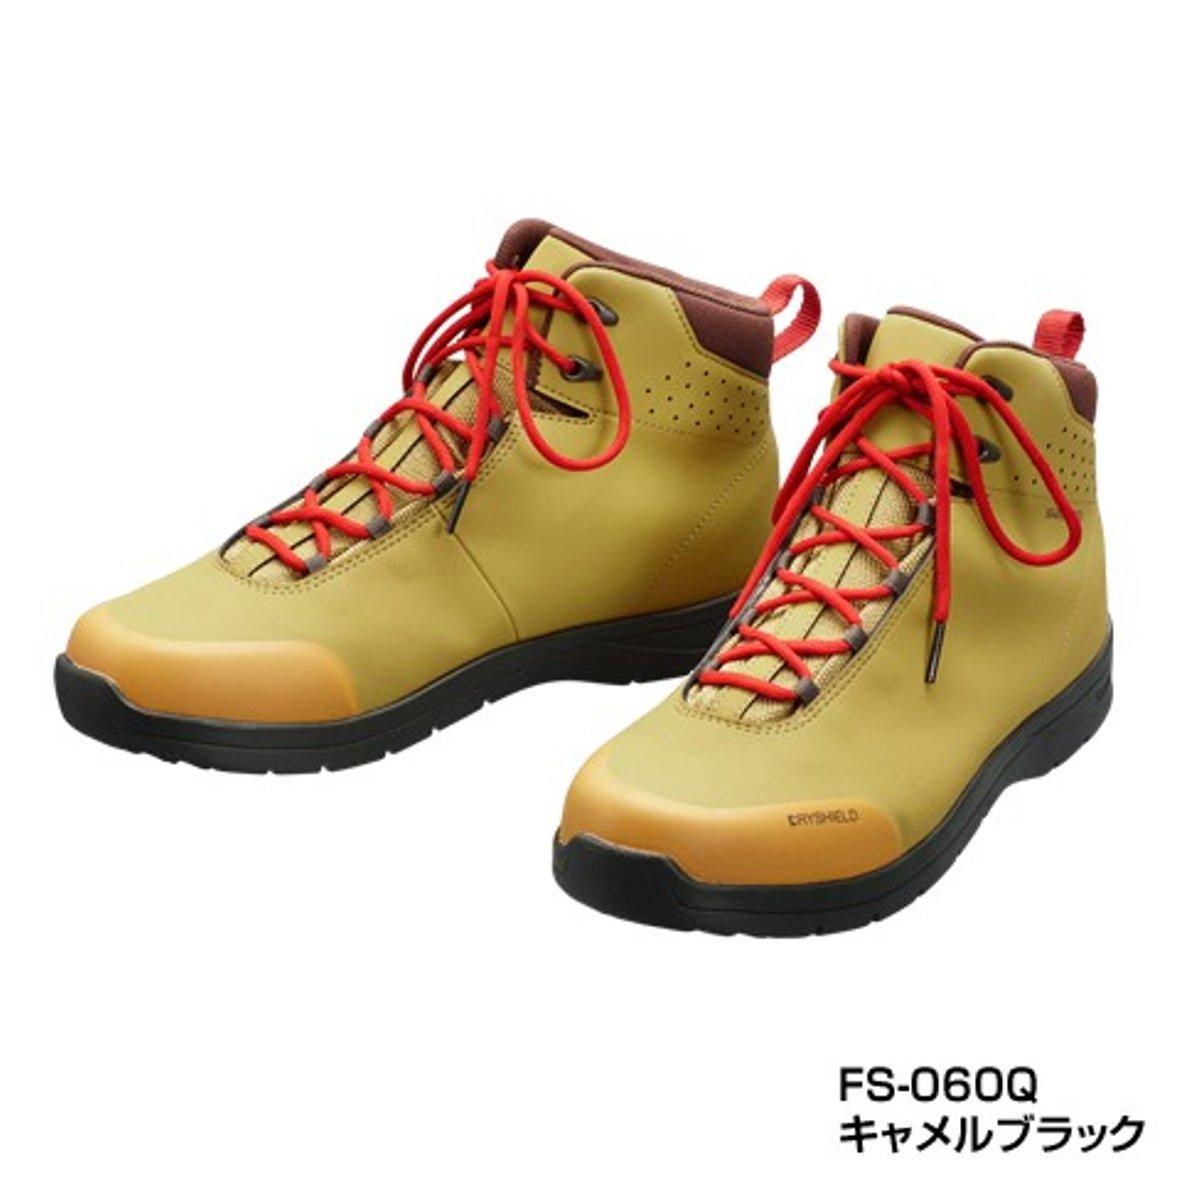 シマノ ドライシールド・ラジアルスパイクシューズ(ハイカットタイプ) FS-060Q 27.0cm キャメルブラック